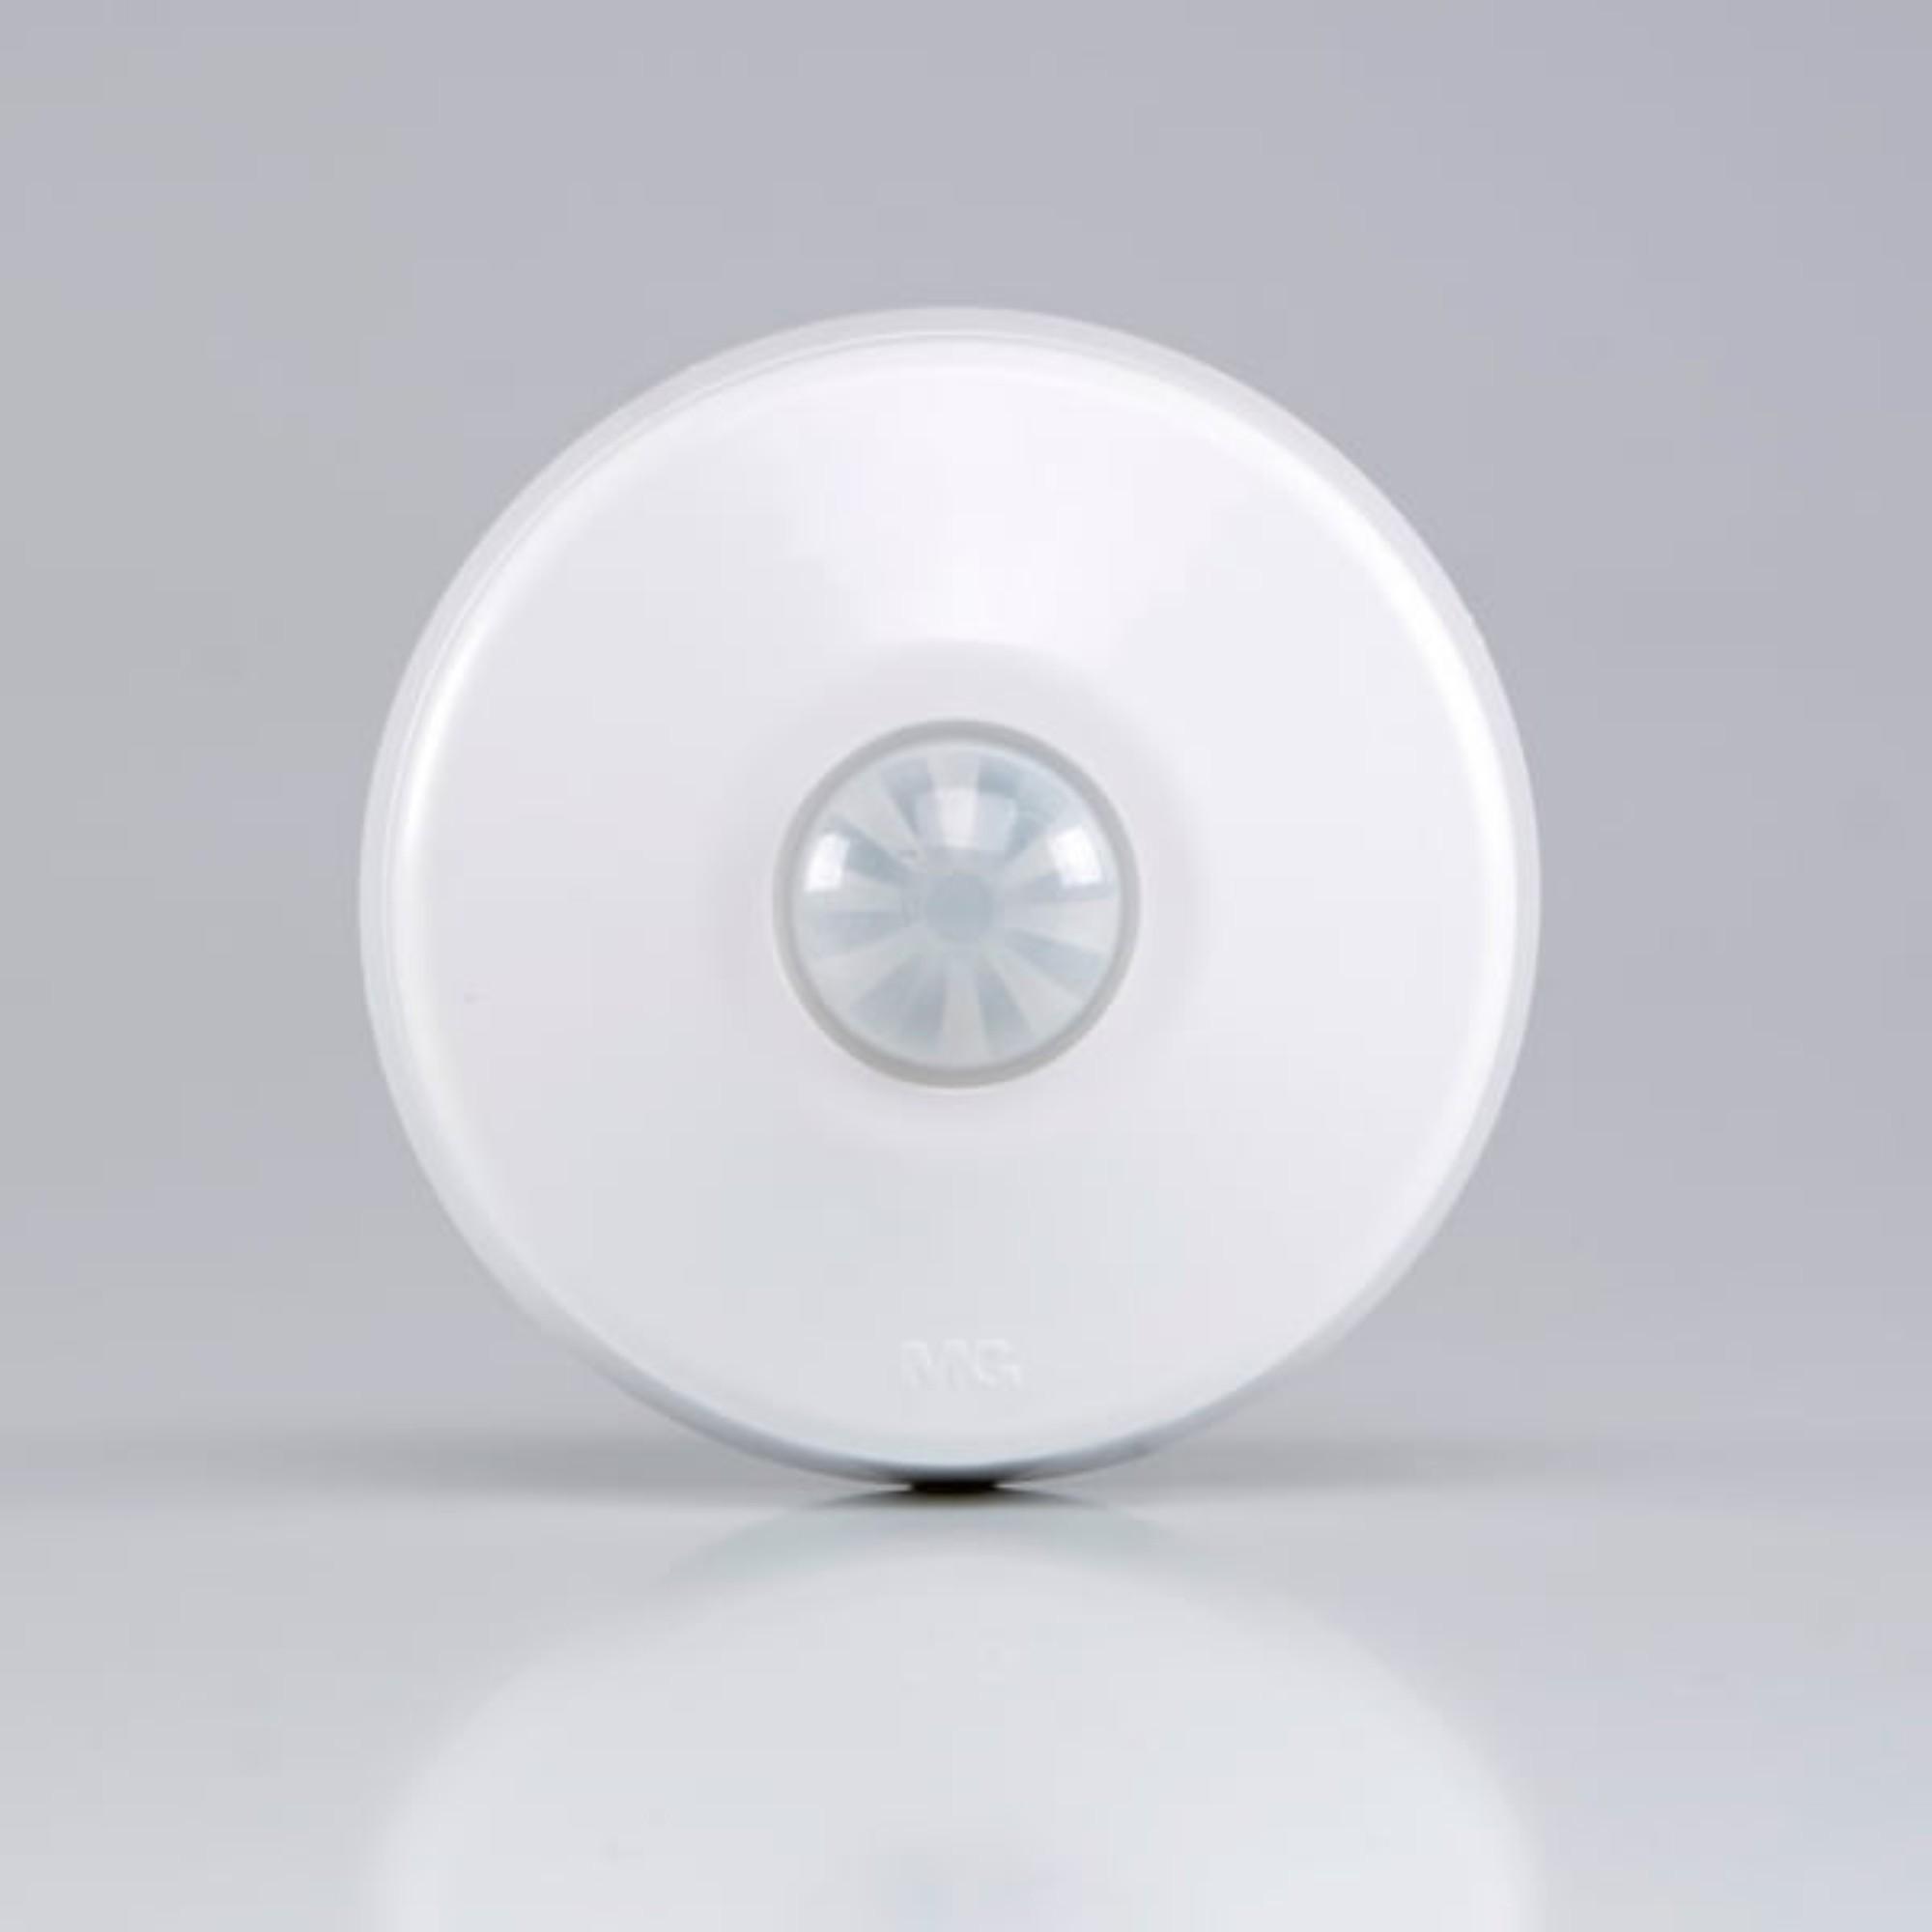 Sensor De Presença Interruptor Automático De Teto 360º Condor